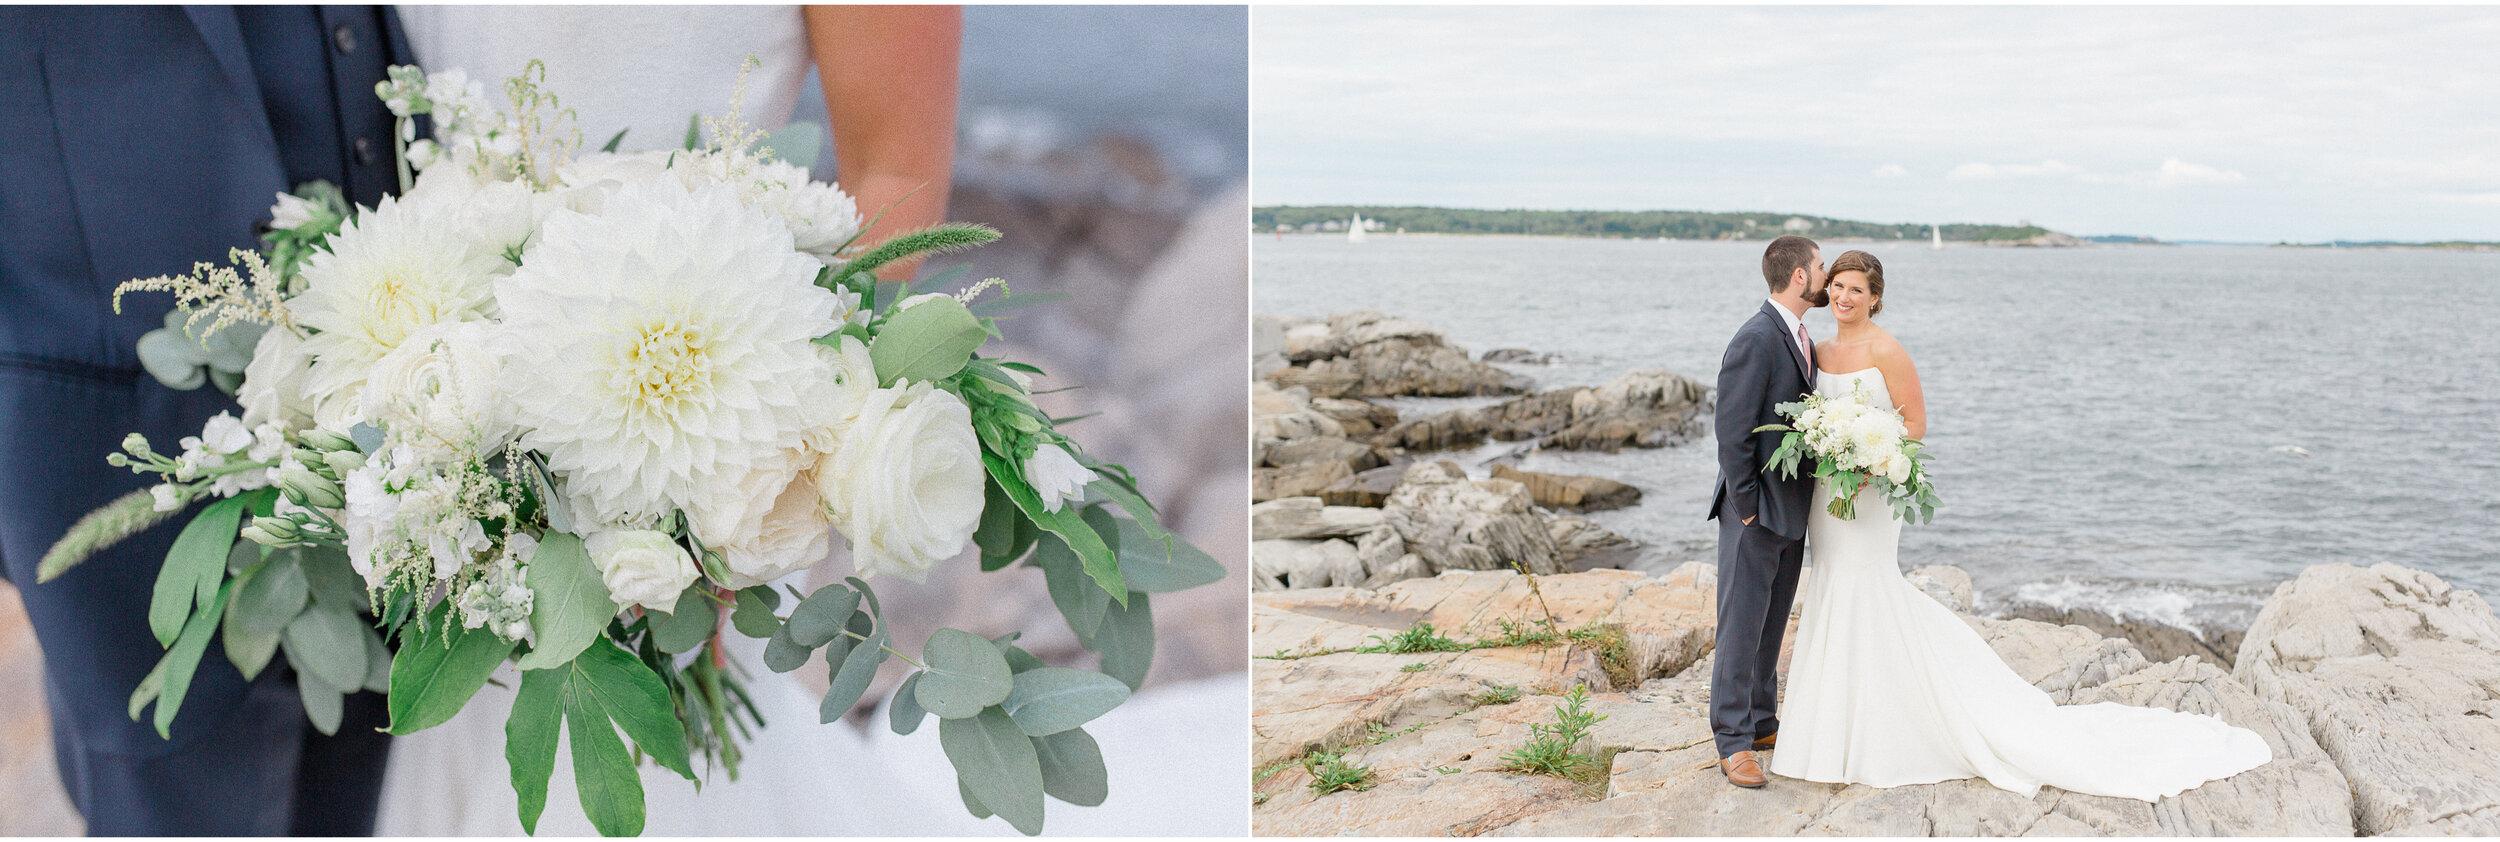 Luxury New England Wedding PhotographerLuxury New England Wedding Photographer 11.jpg